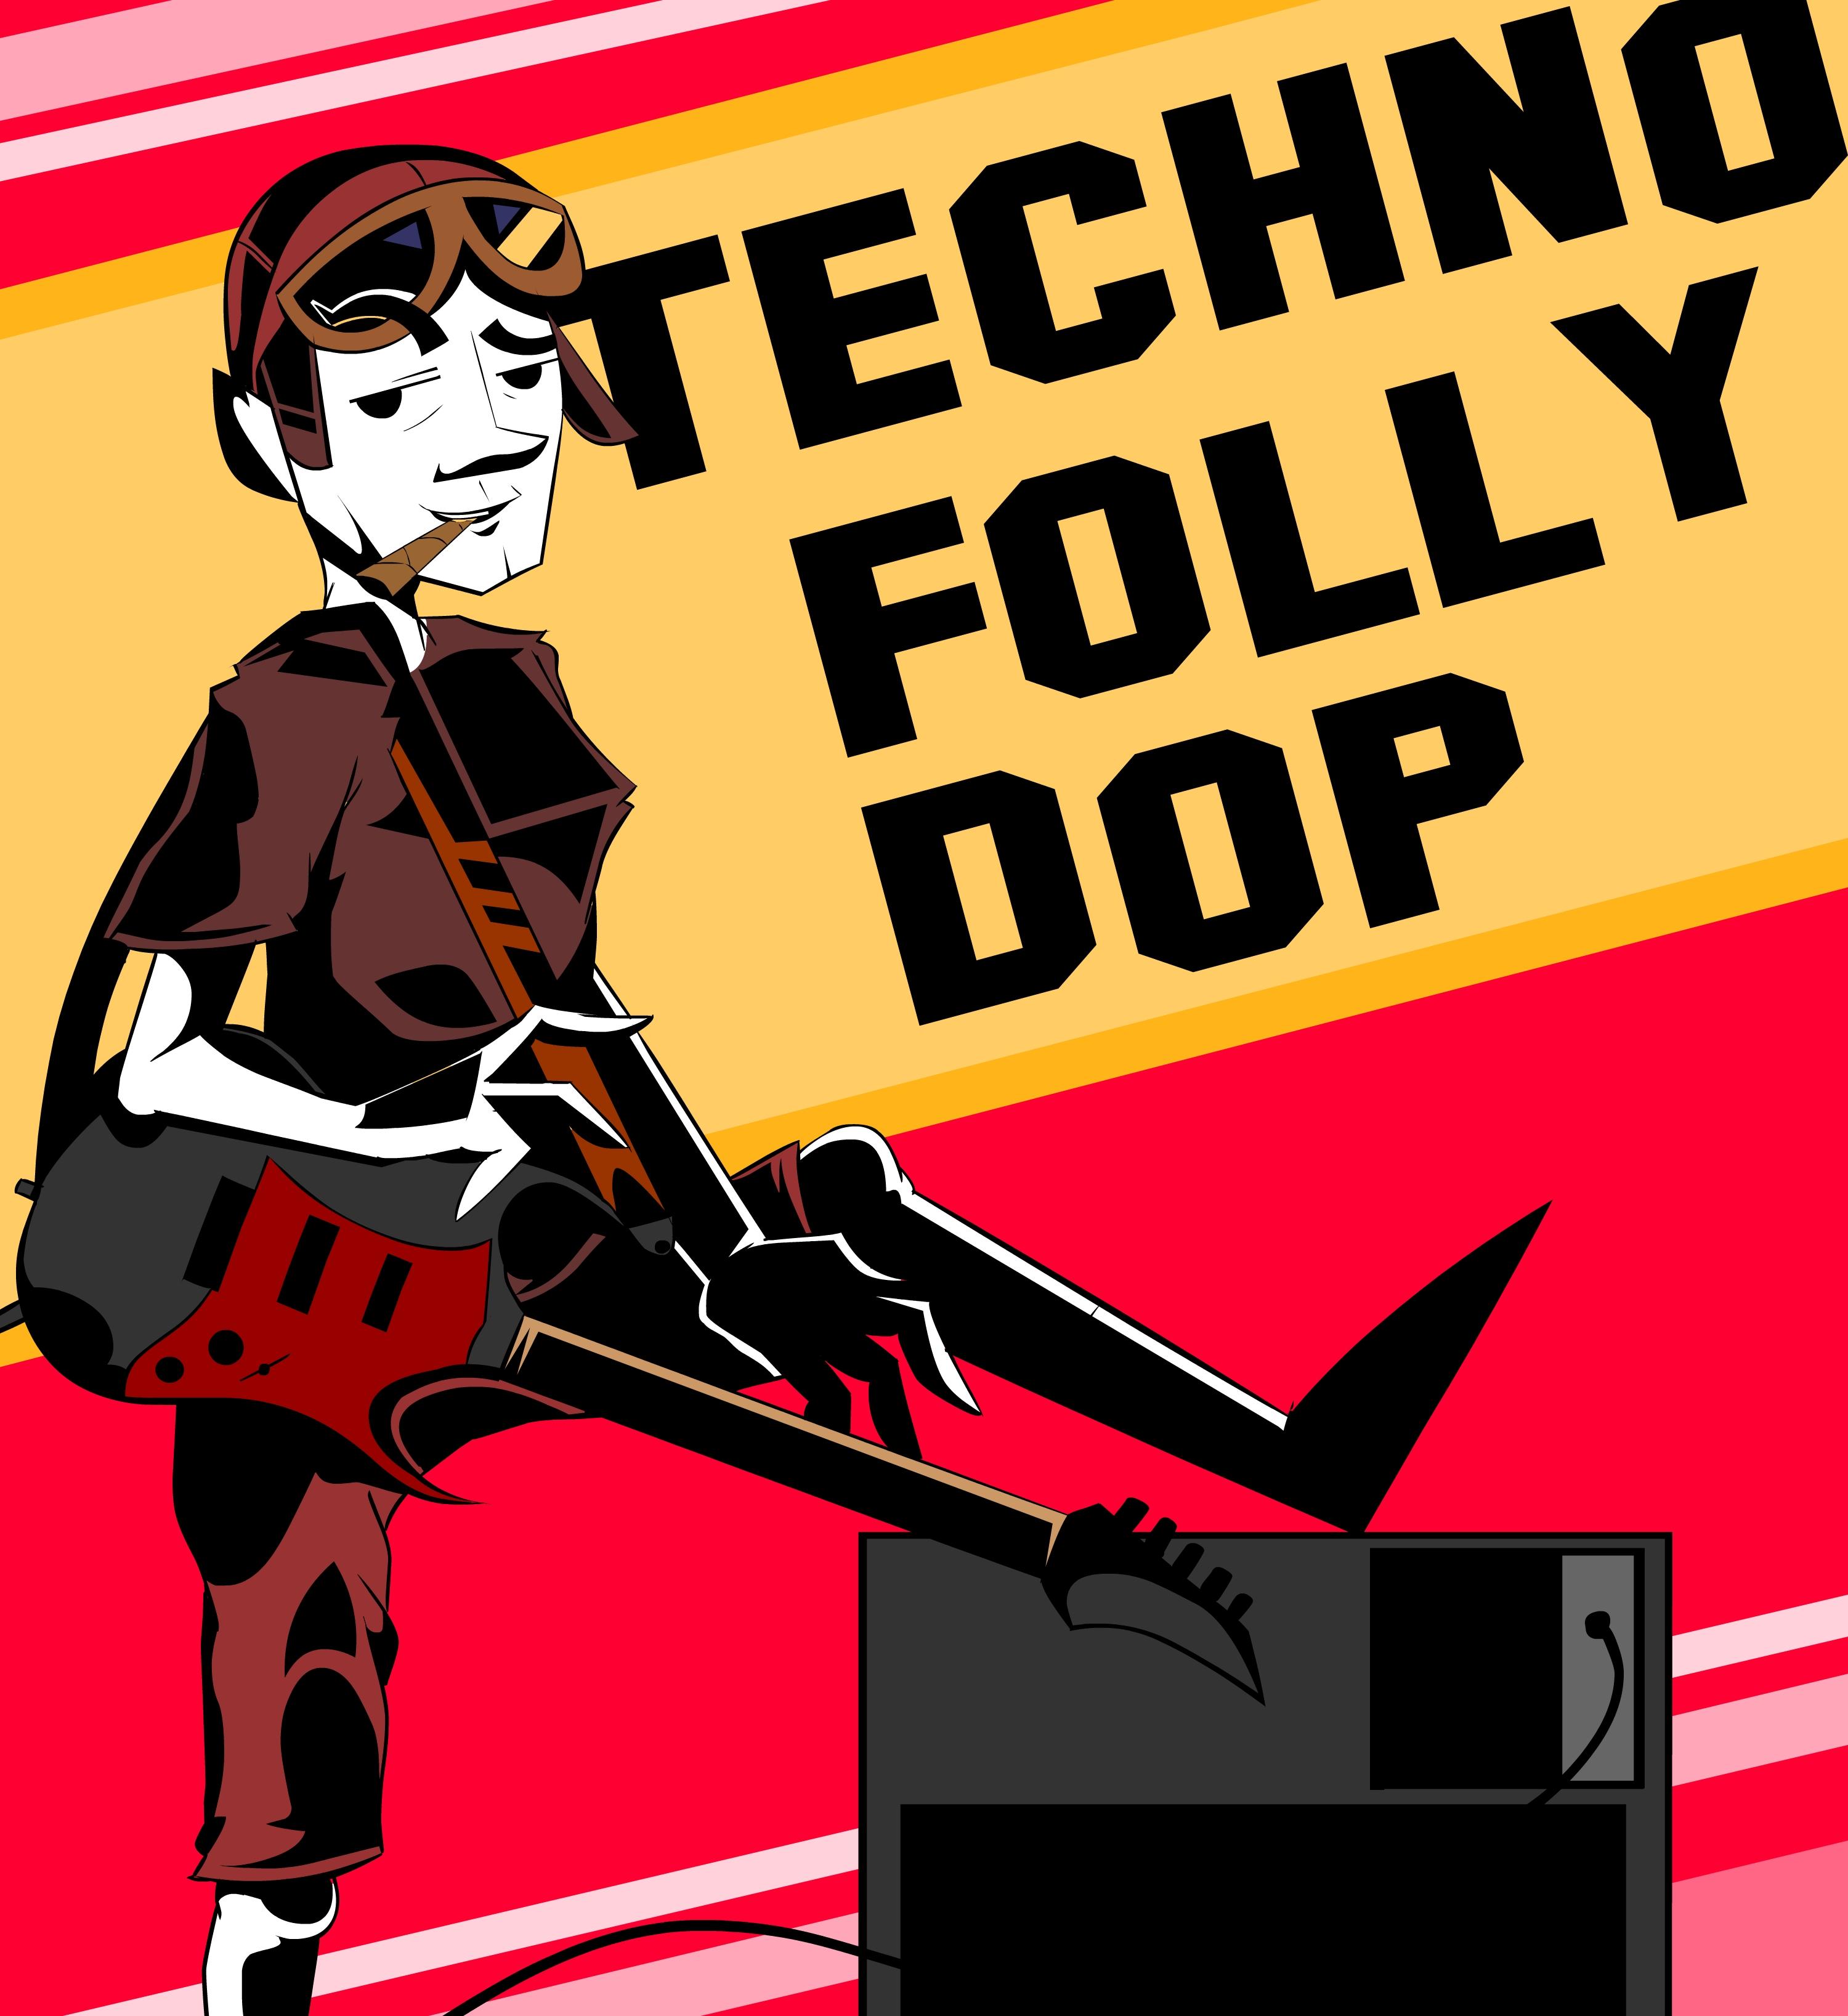 Techno Folly Dop